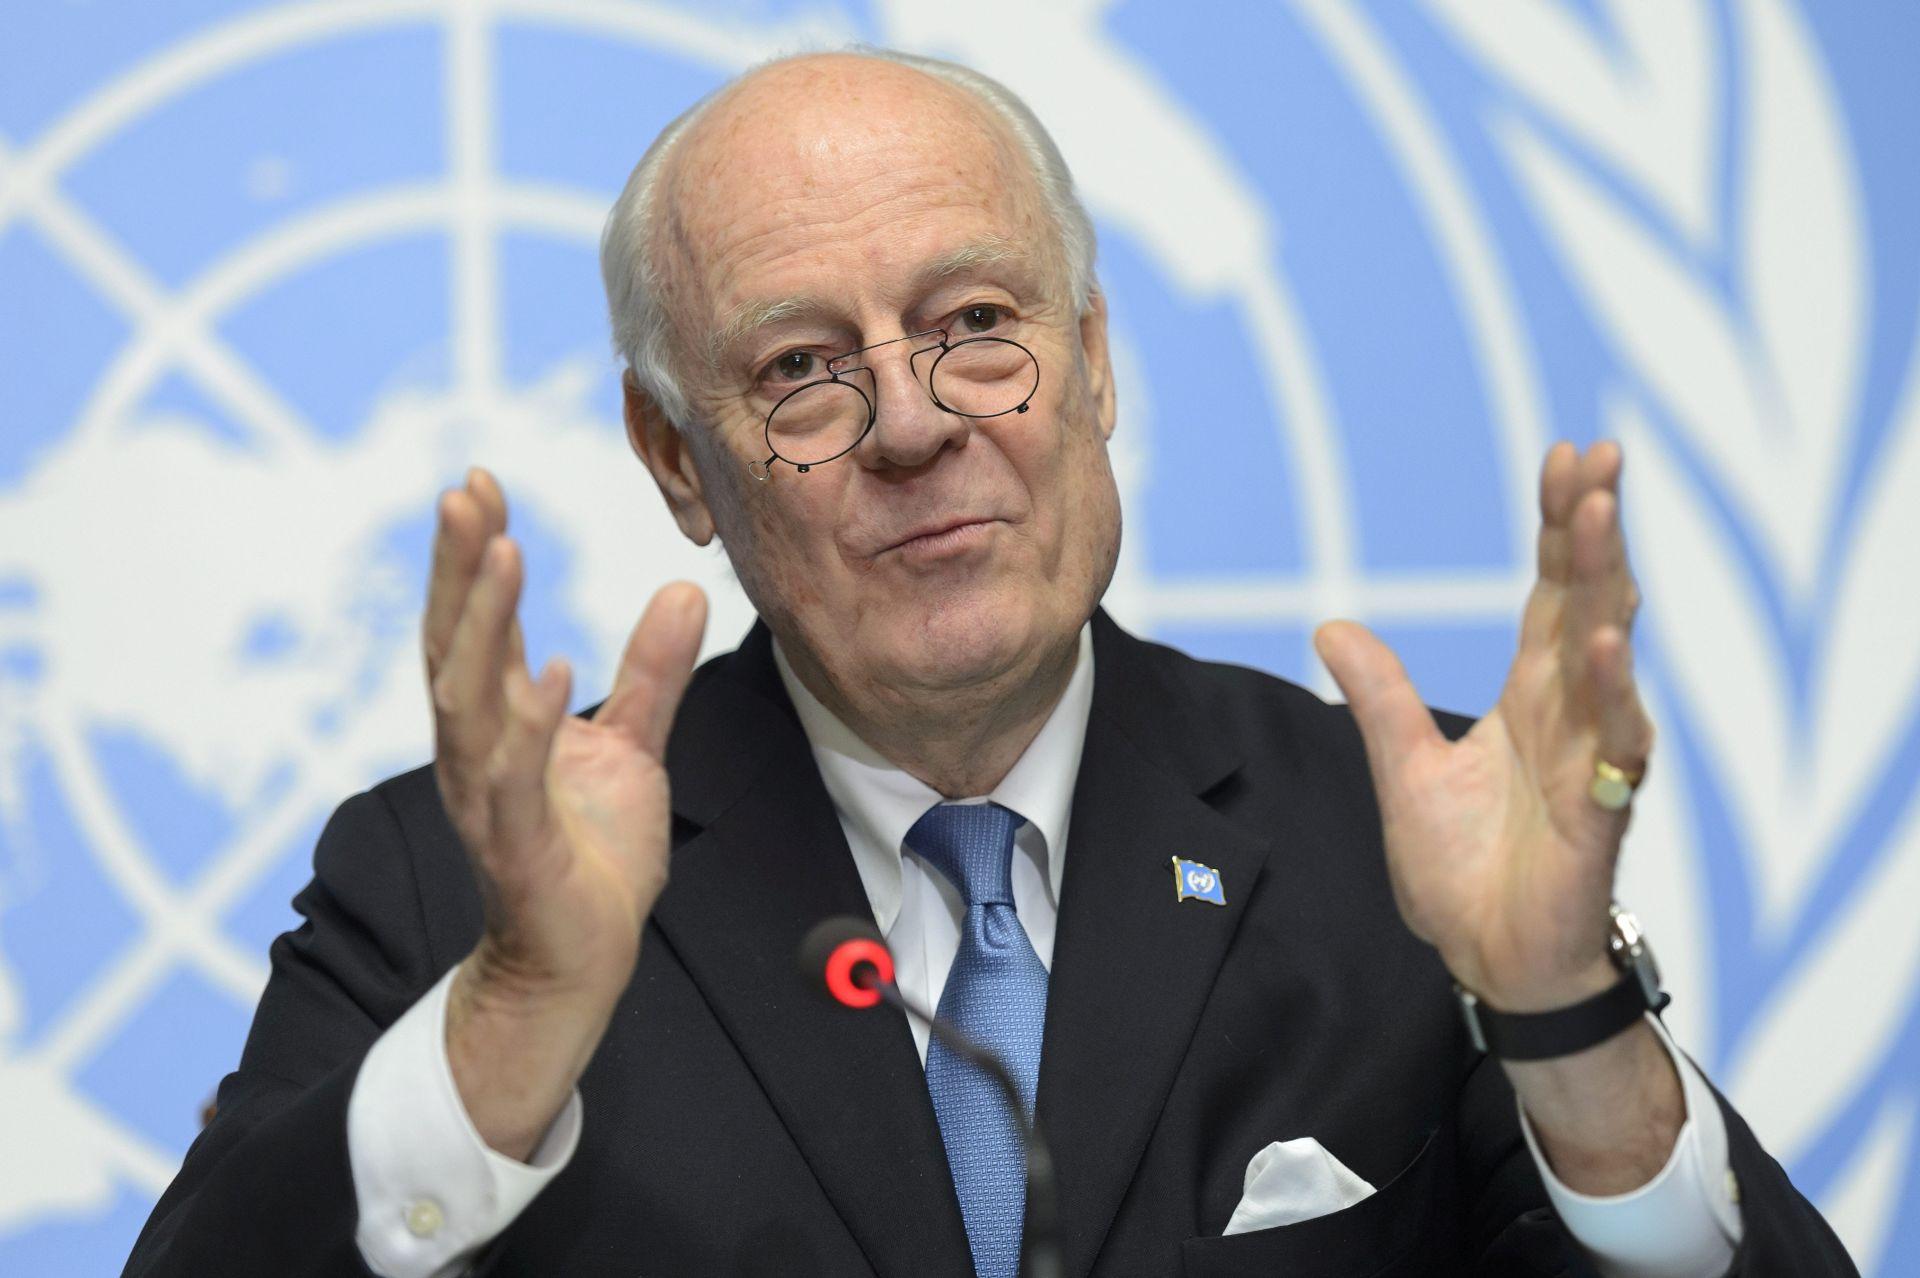 ODGOĐENI PREGOVORI O SIRIJSKOM RATU: UN-ov izaslanik želi čuti stajališta o političkoj tranziciji